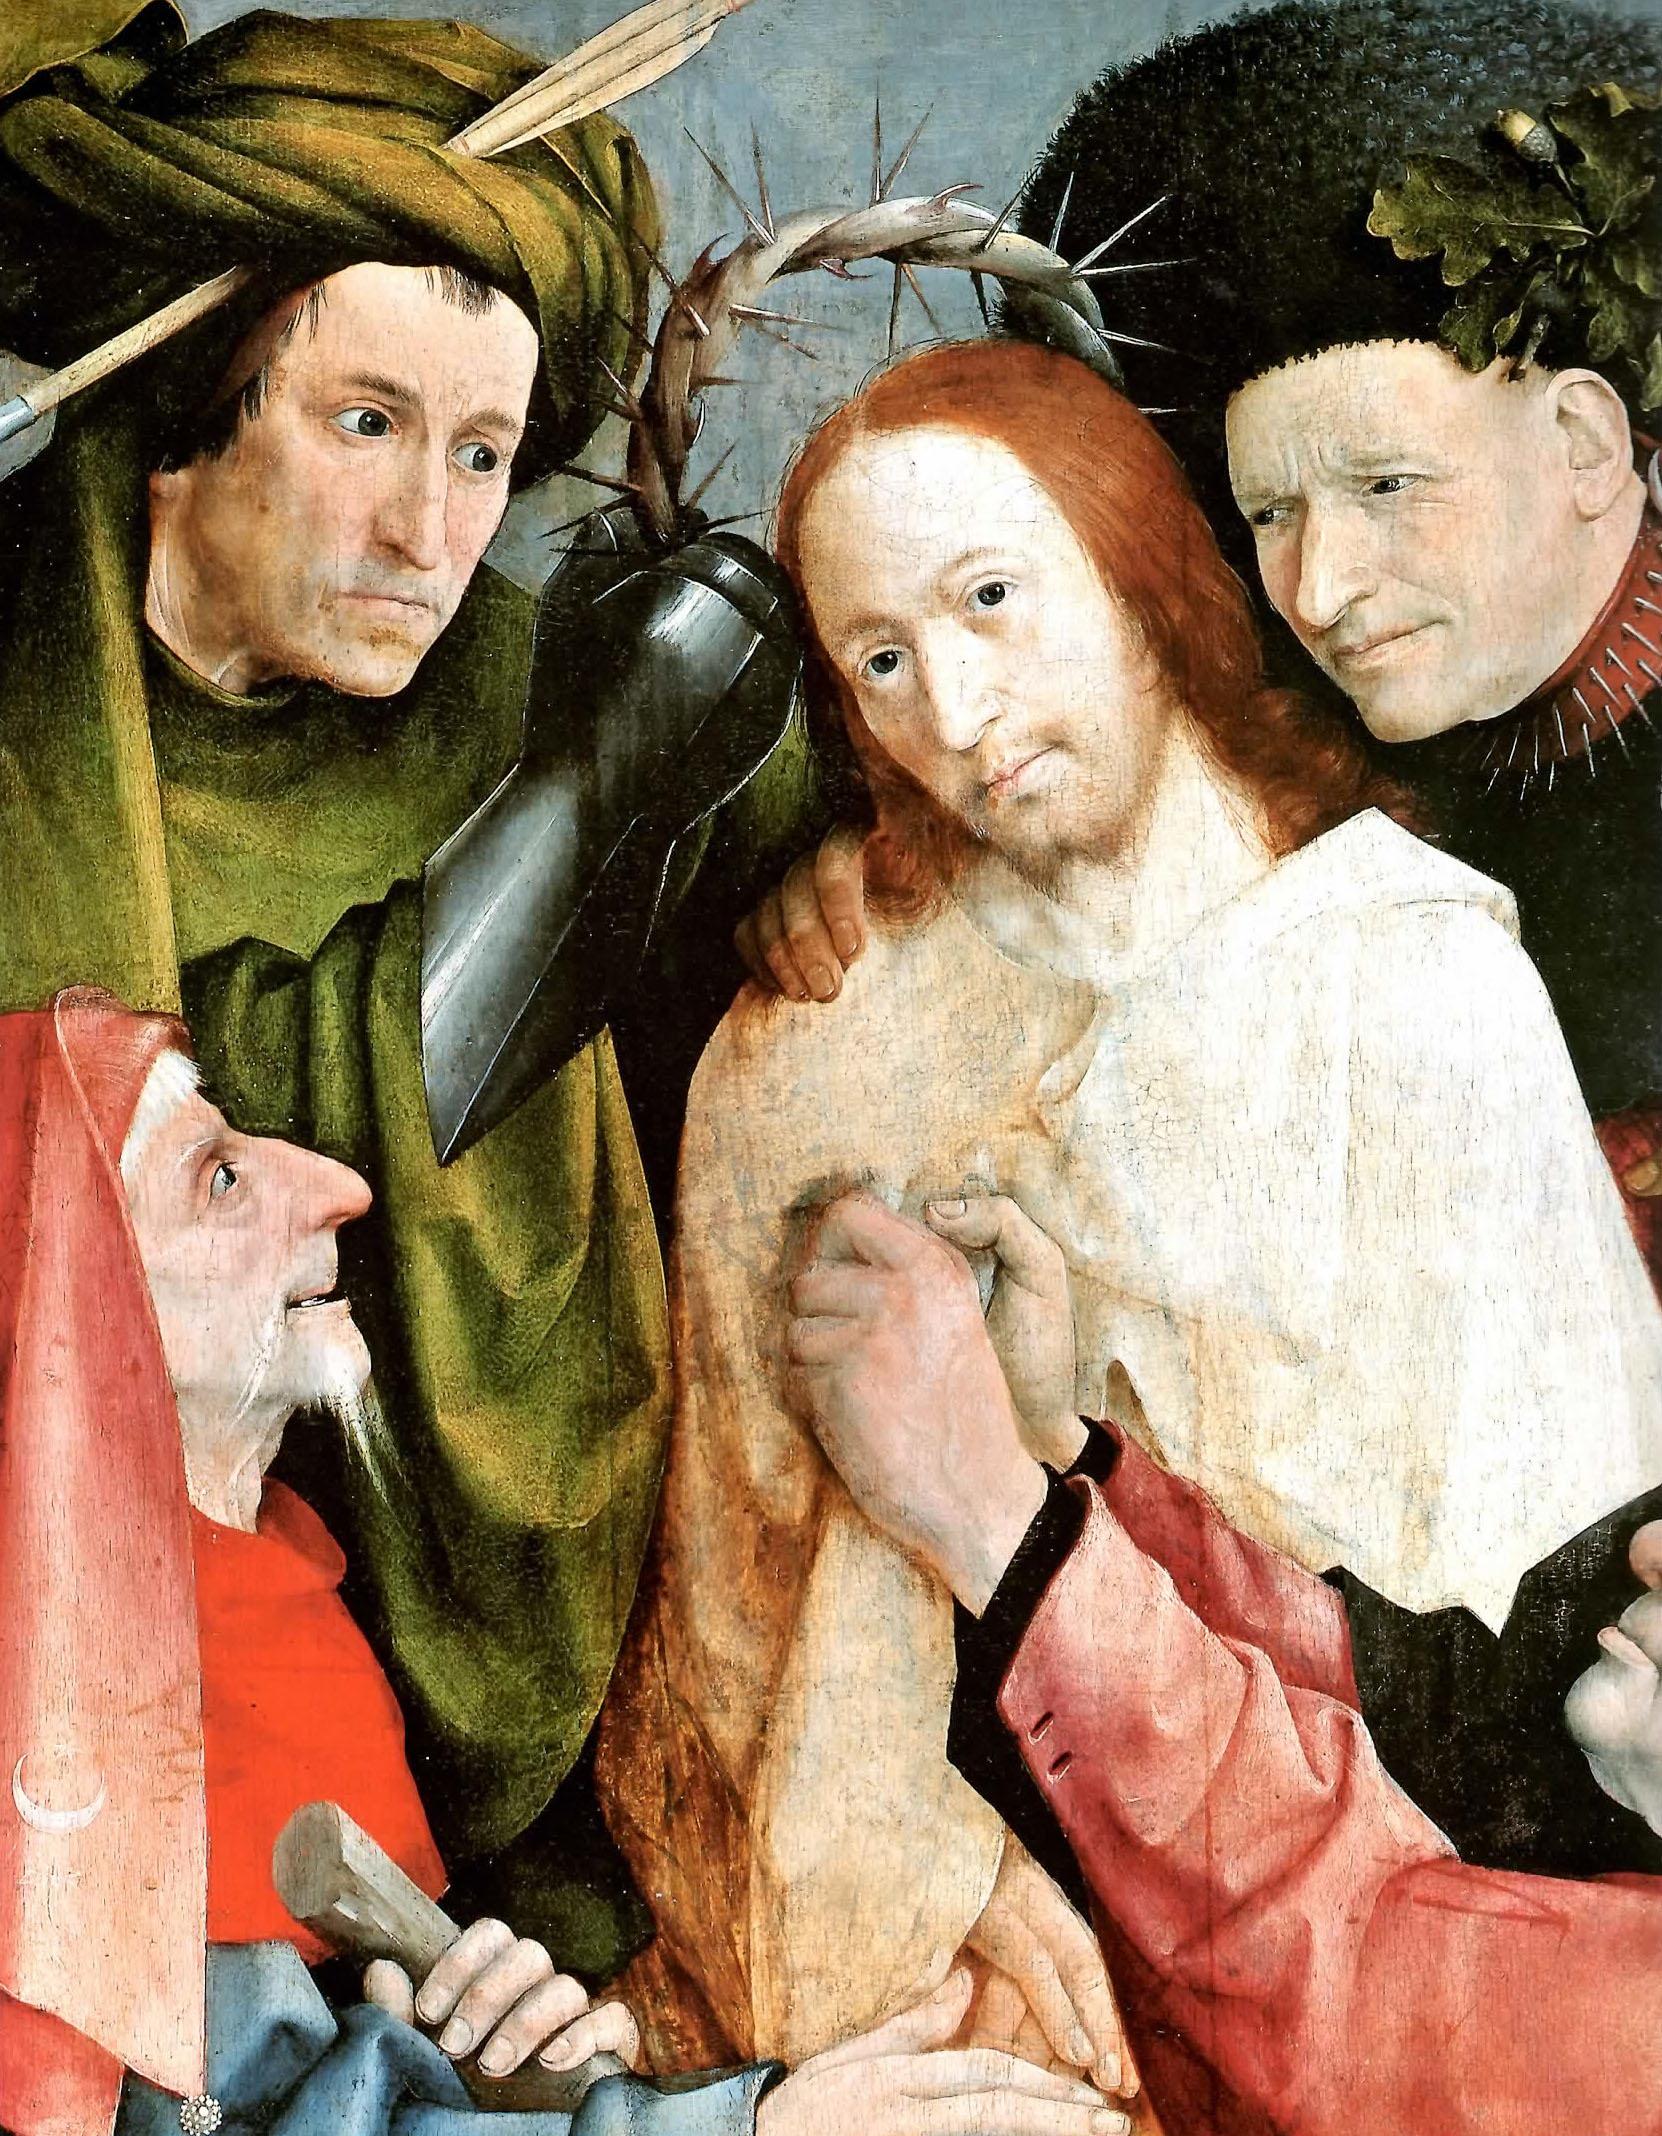 Hieronymus Bosch - Incoronazione di spine, part.